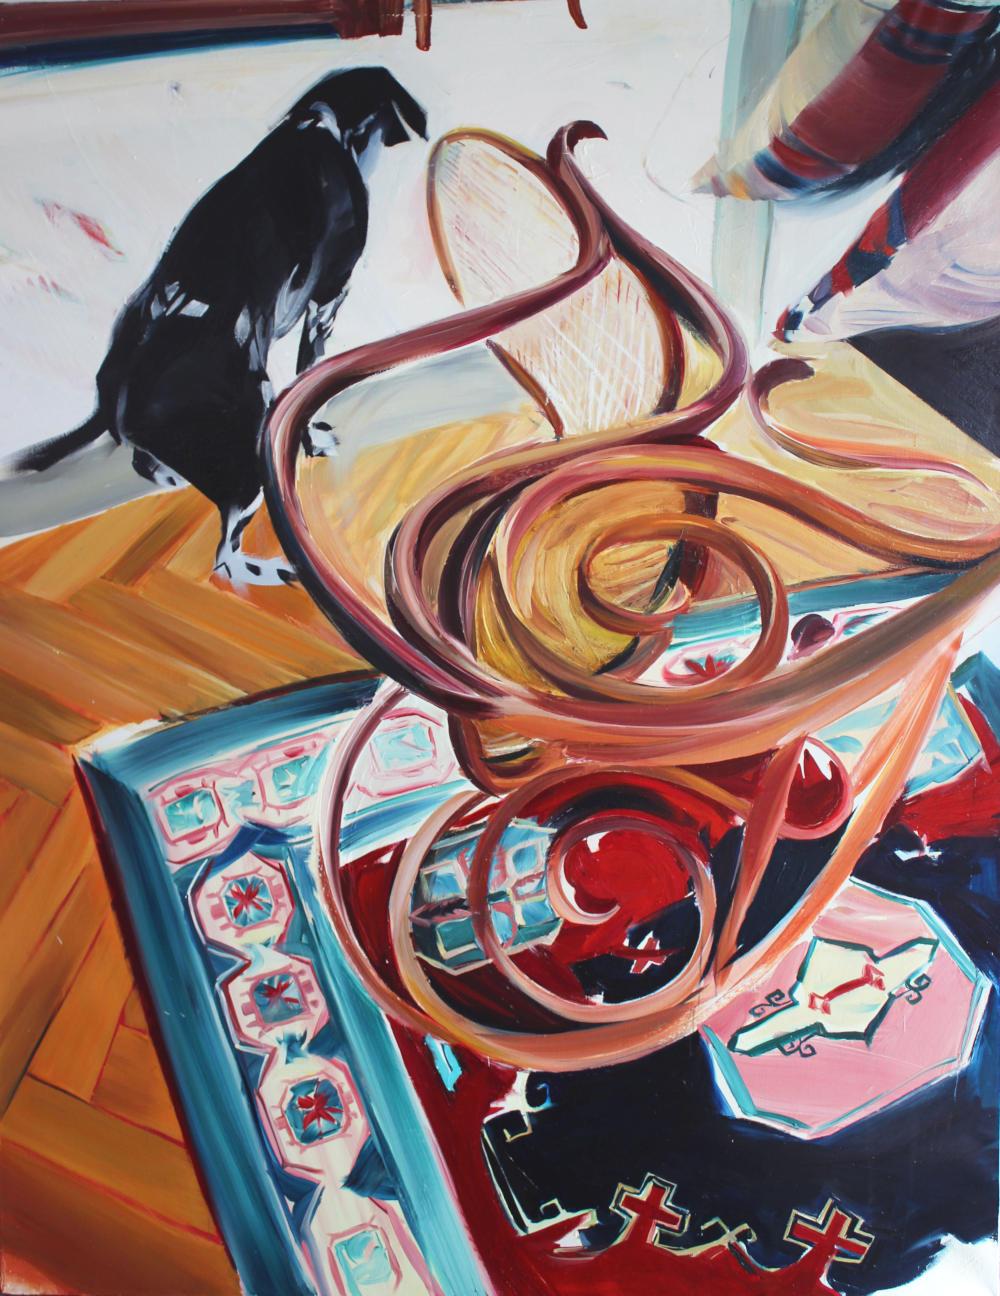 Andrea Fontanari, L'Esausta, 2019. Oil on linen 170x220cm